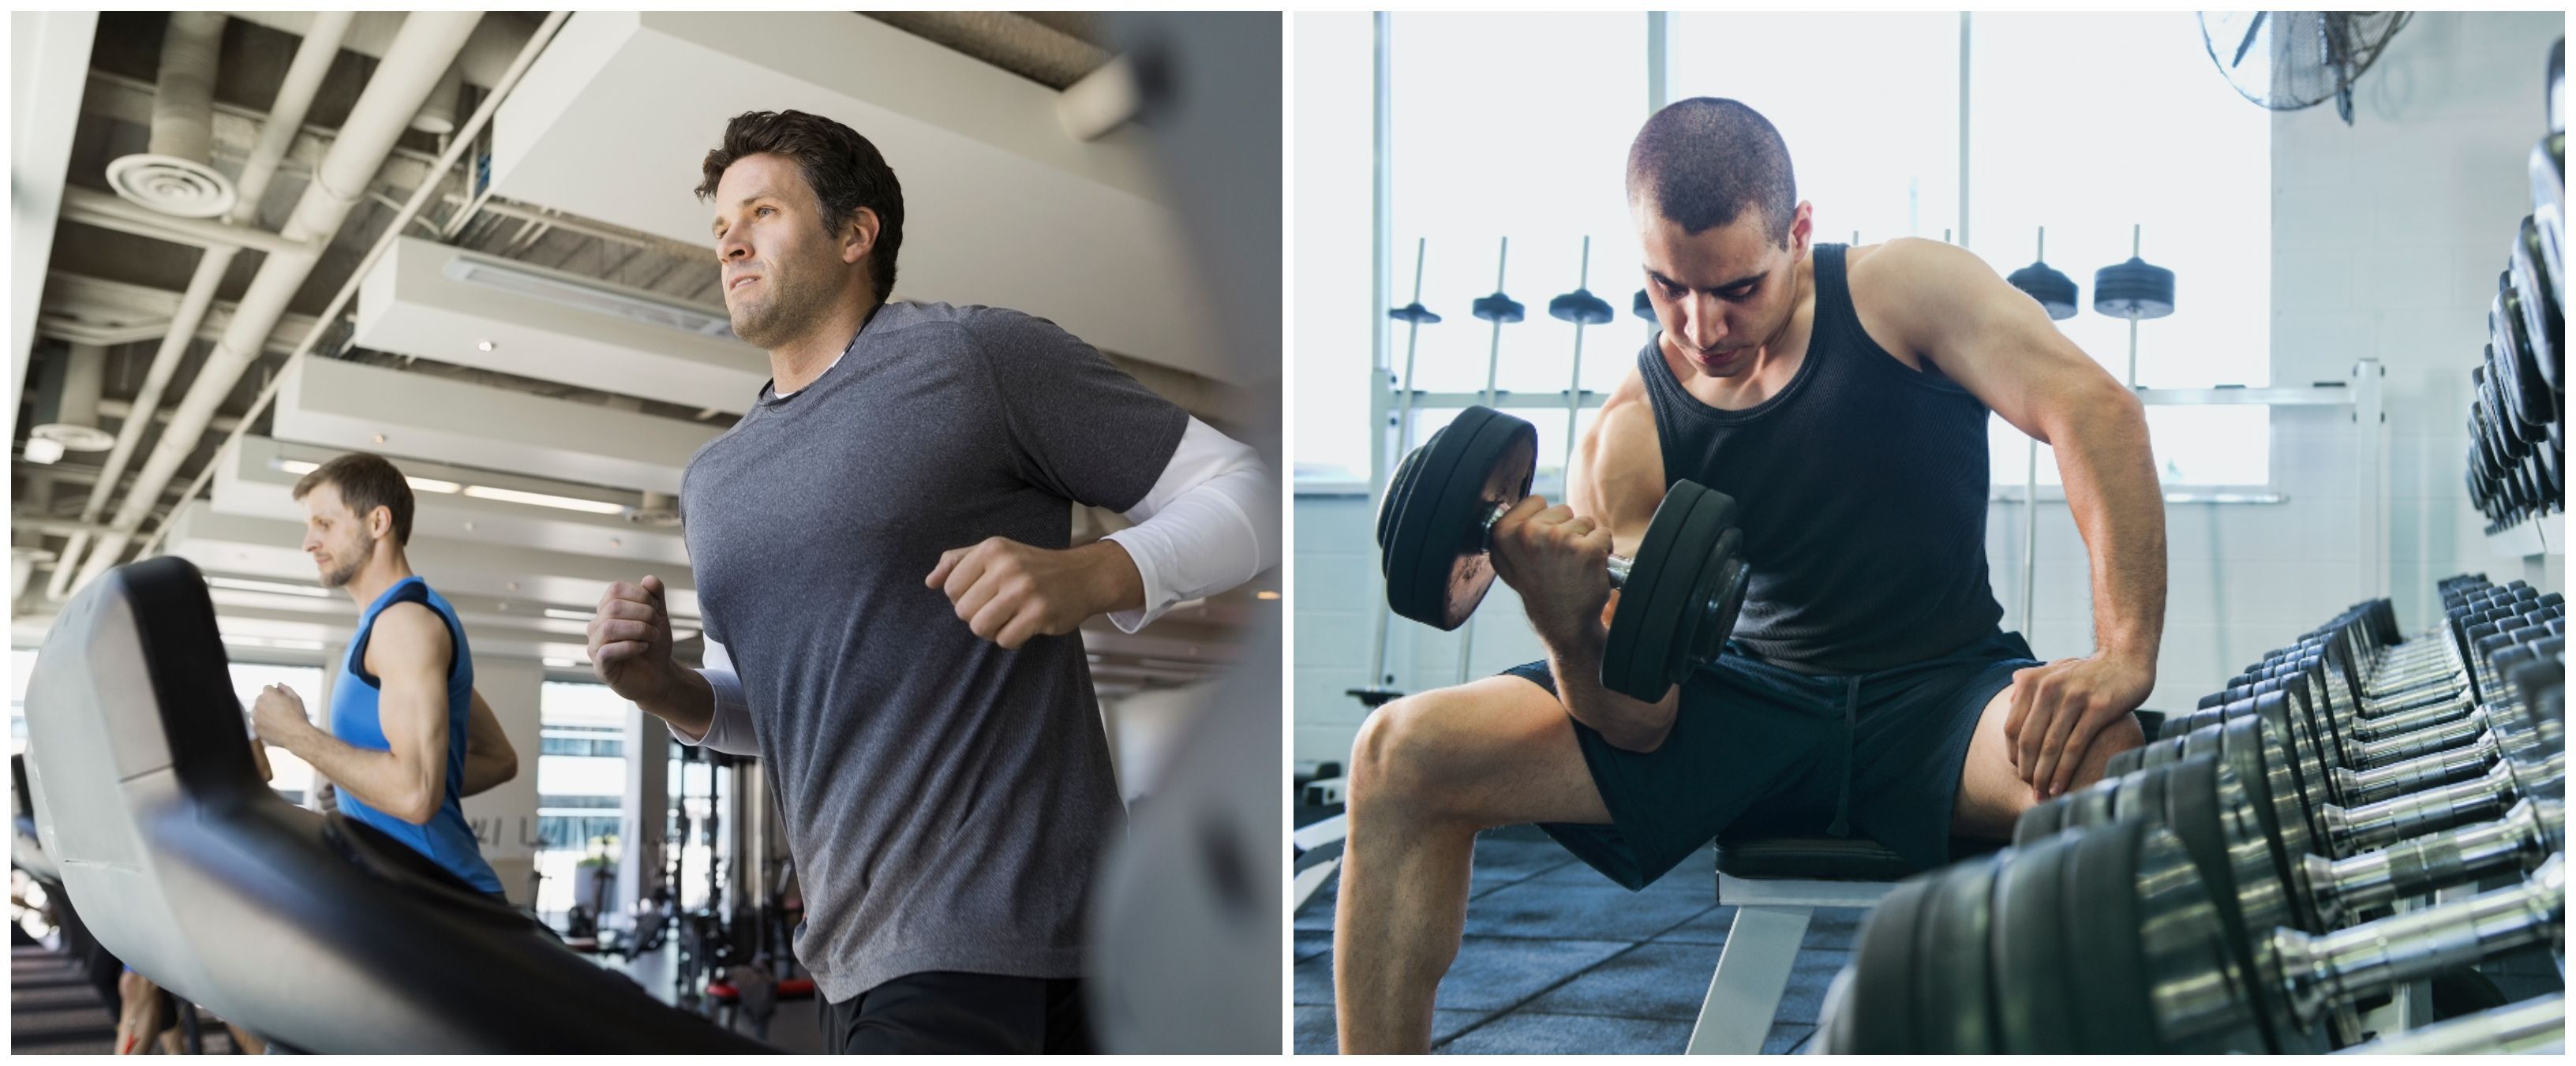 Hacer ejercicios de cardio para adelgazar